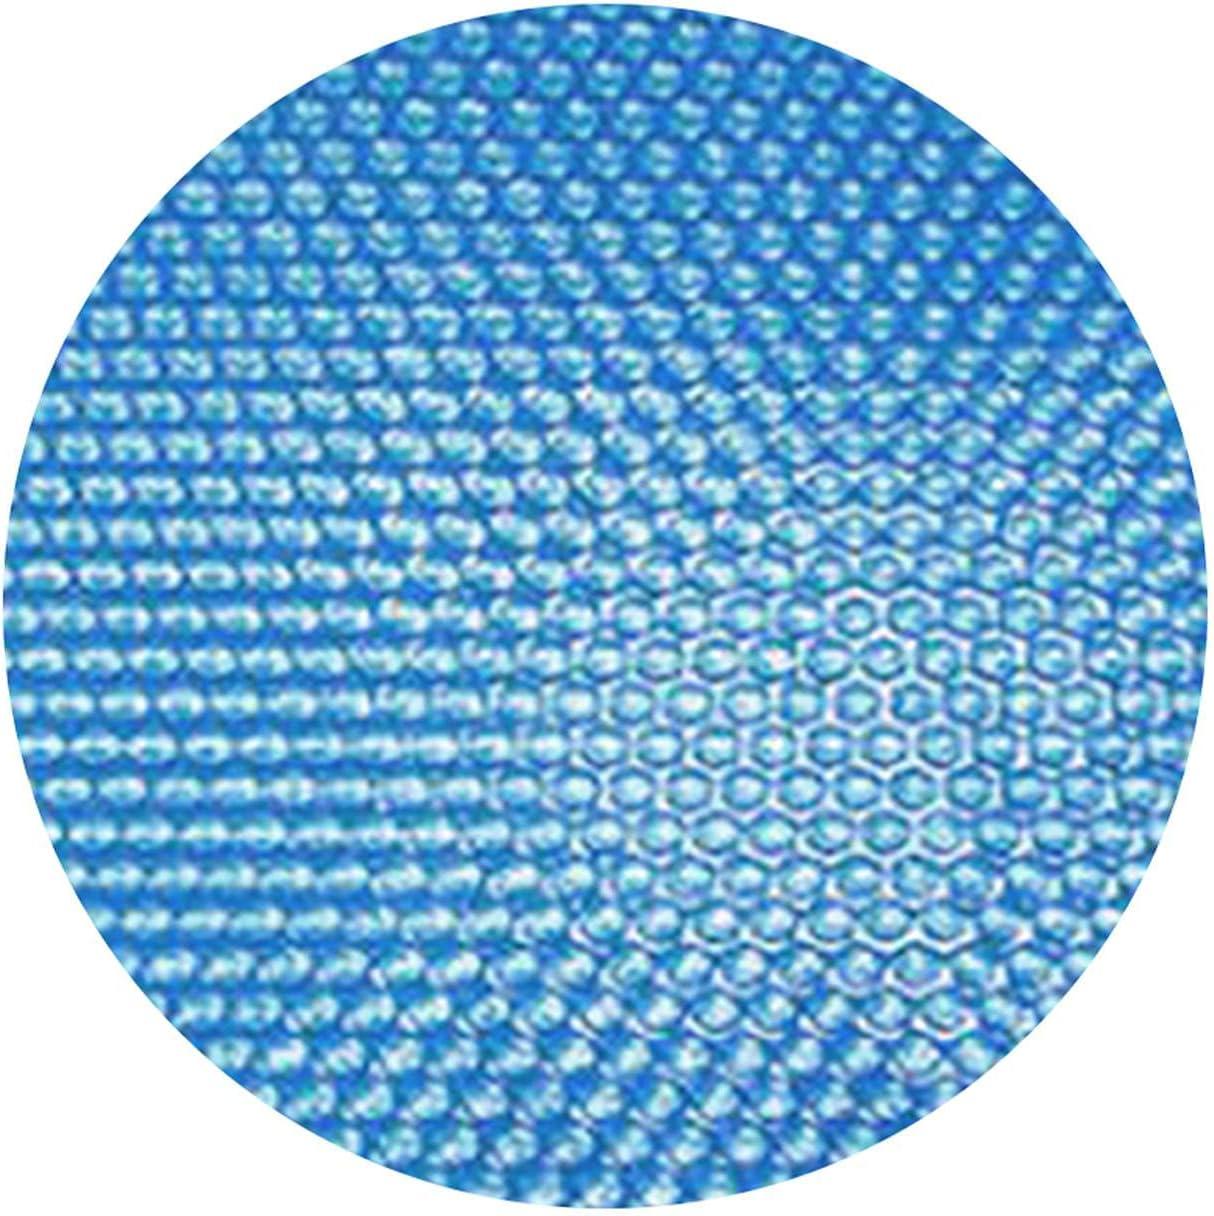 Cobertor Solar Piscinas, Cubre Piscinas Redondo, Ronda Solar Cubierta Para Polvo Piscinas Protector Suelo Piscina 305cm De Diámetro Lonas Para Solar Piscina Cojín De Burbujas De PE